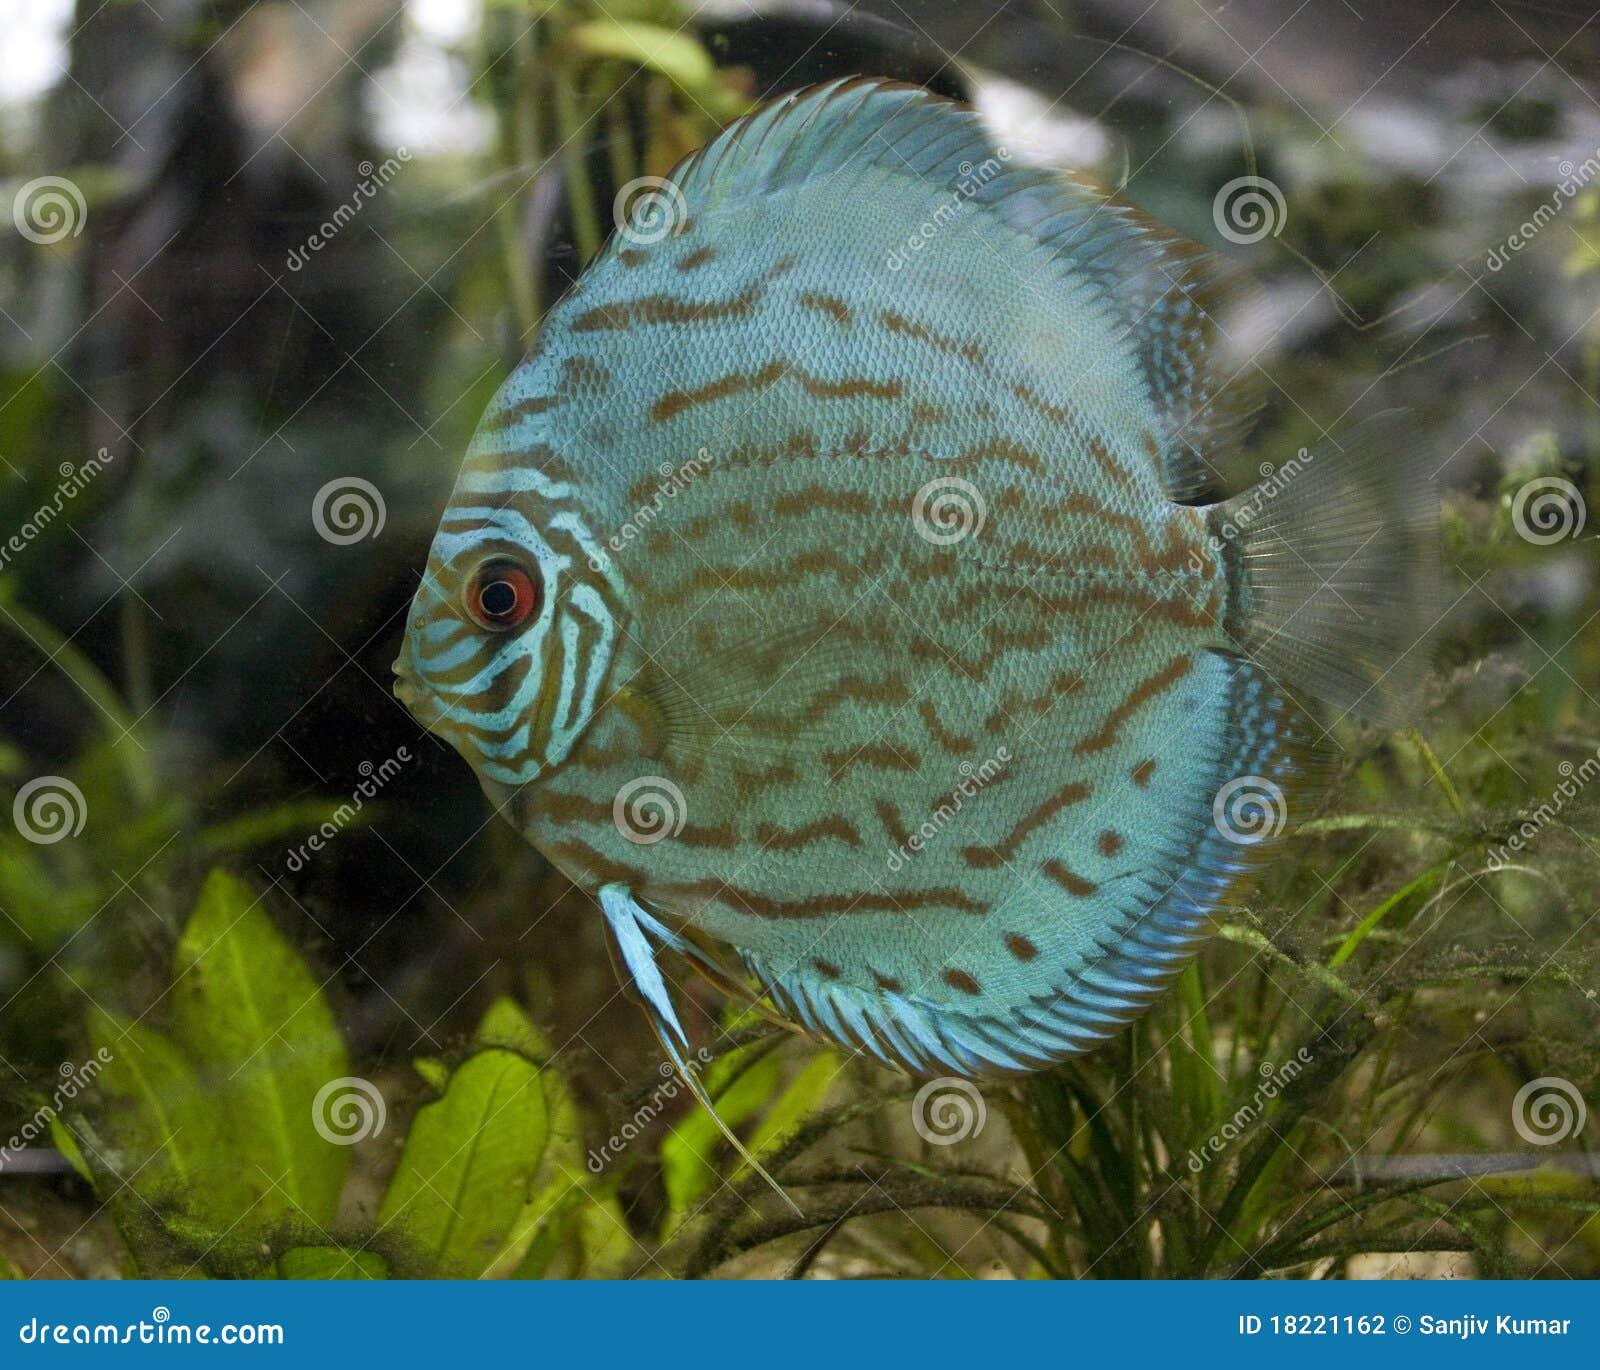 Blue Fish In Aquarium Stock Photography Image 18221162